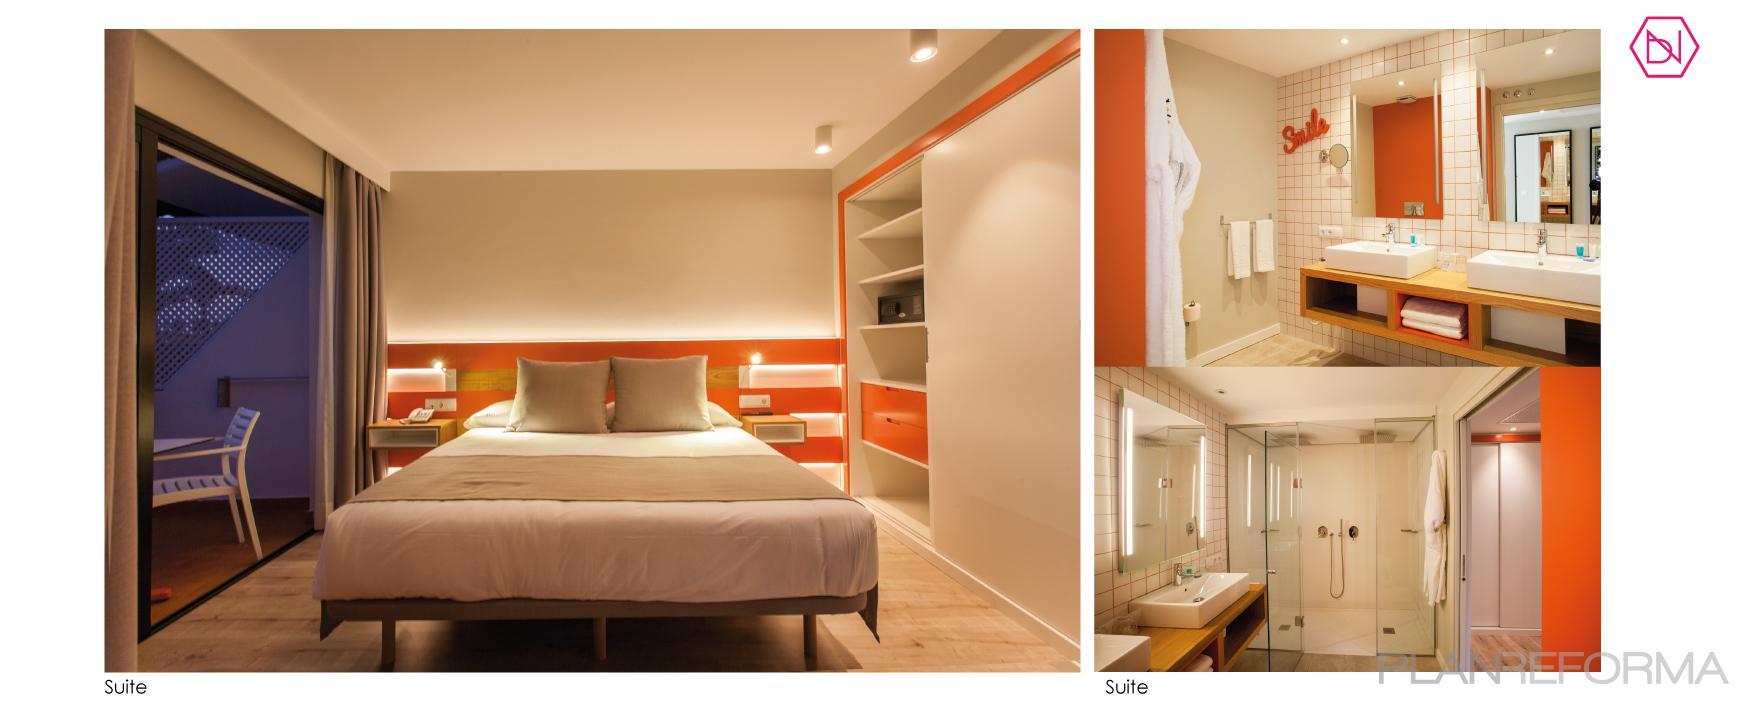 Baño, Dormitorio, Hotel style contemporaneo color rojo ...